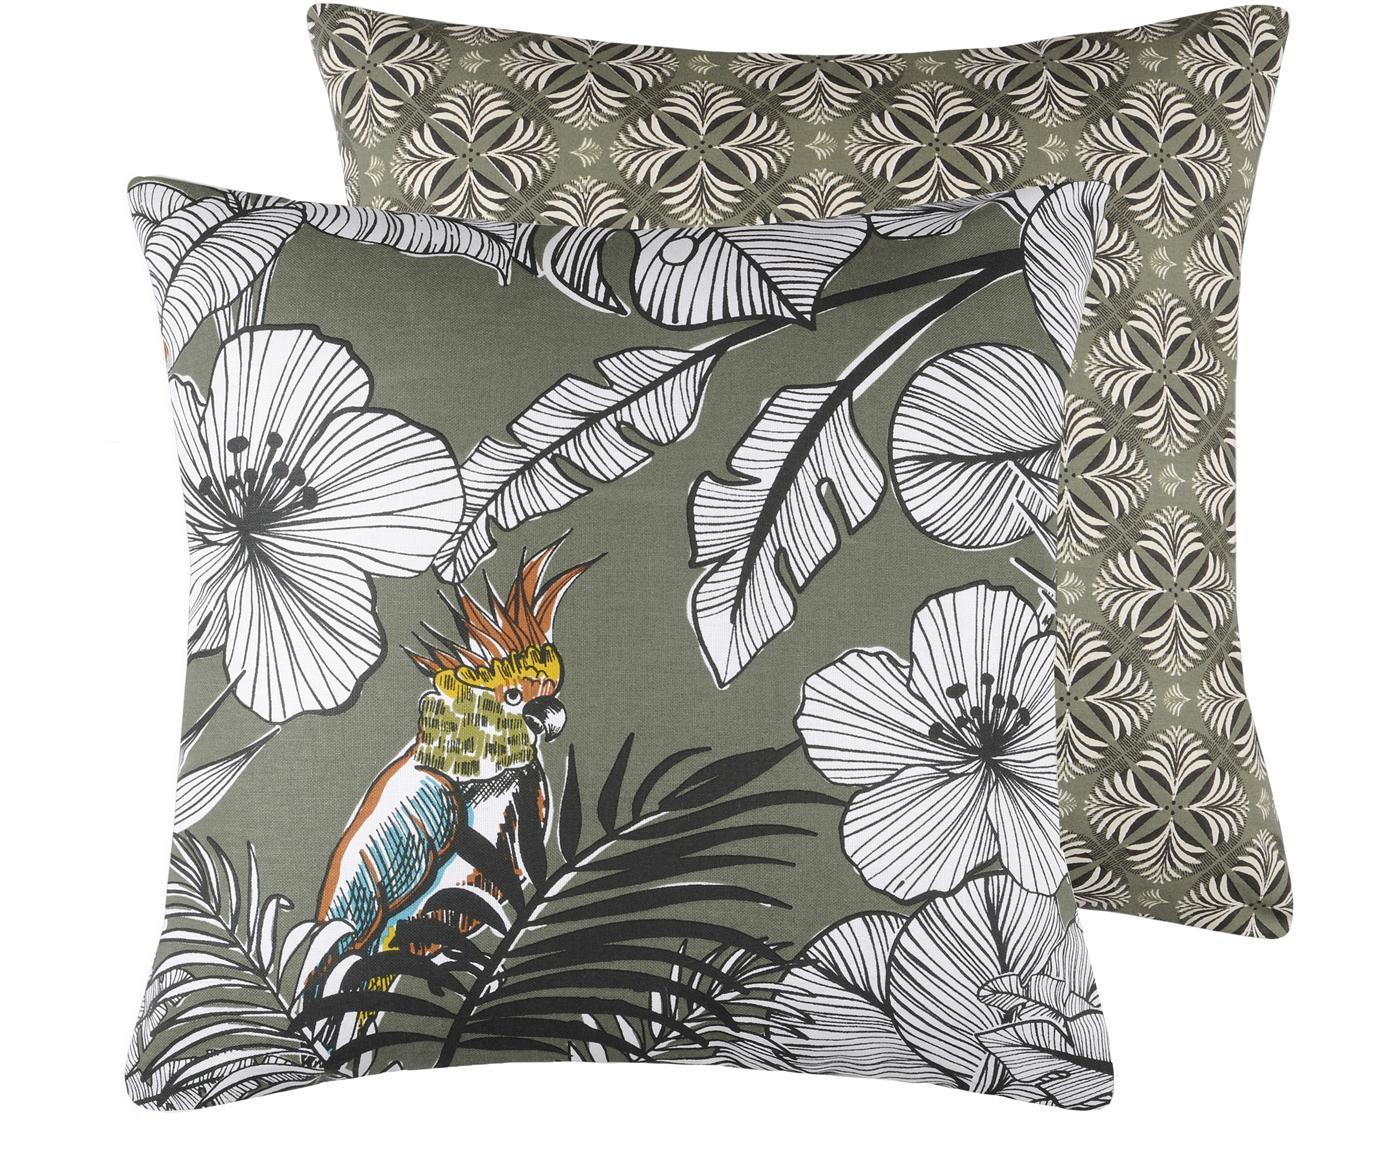 Wendekissen Guatemala mit tropischem Print, mit Inlett, Bezug: Baumwolle, Khaki, Weiß, Senfgelb, 45 x 45 cm